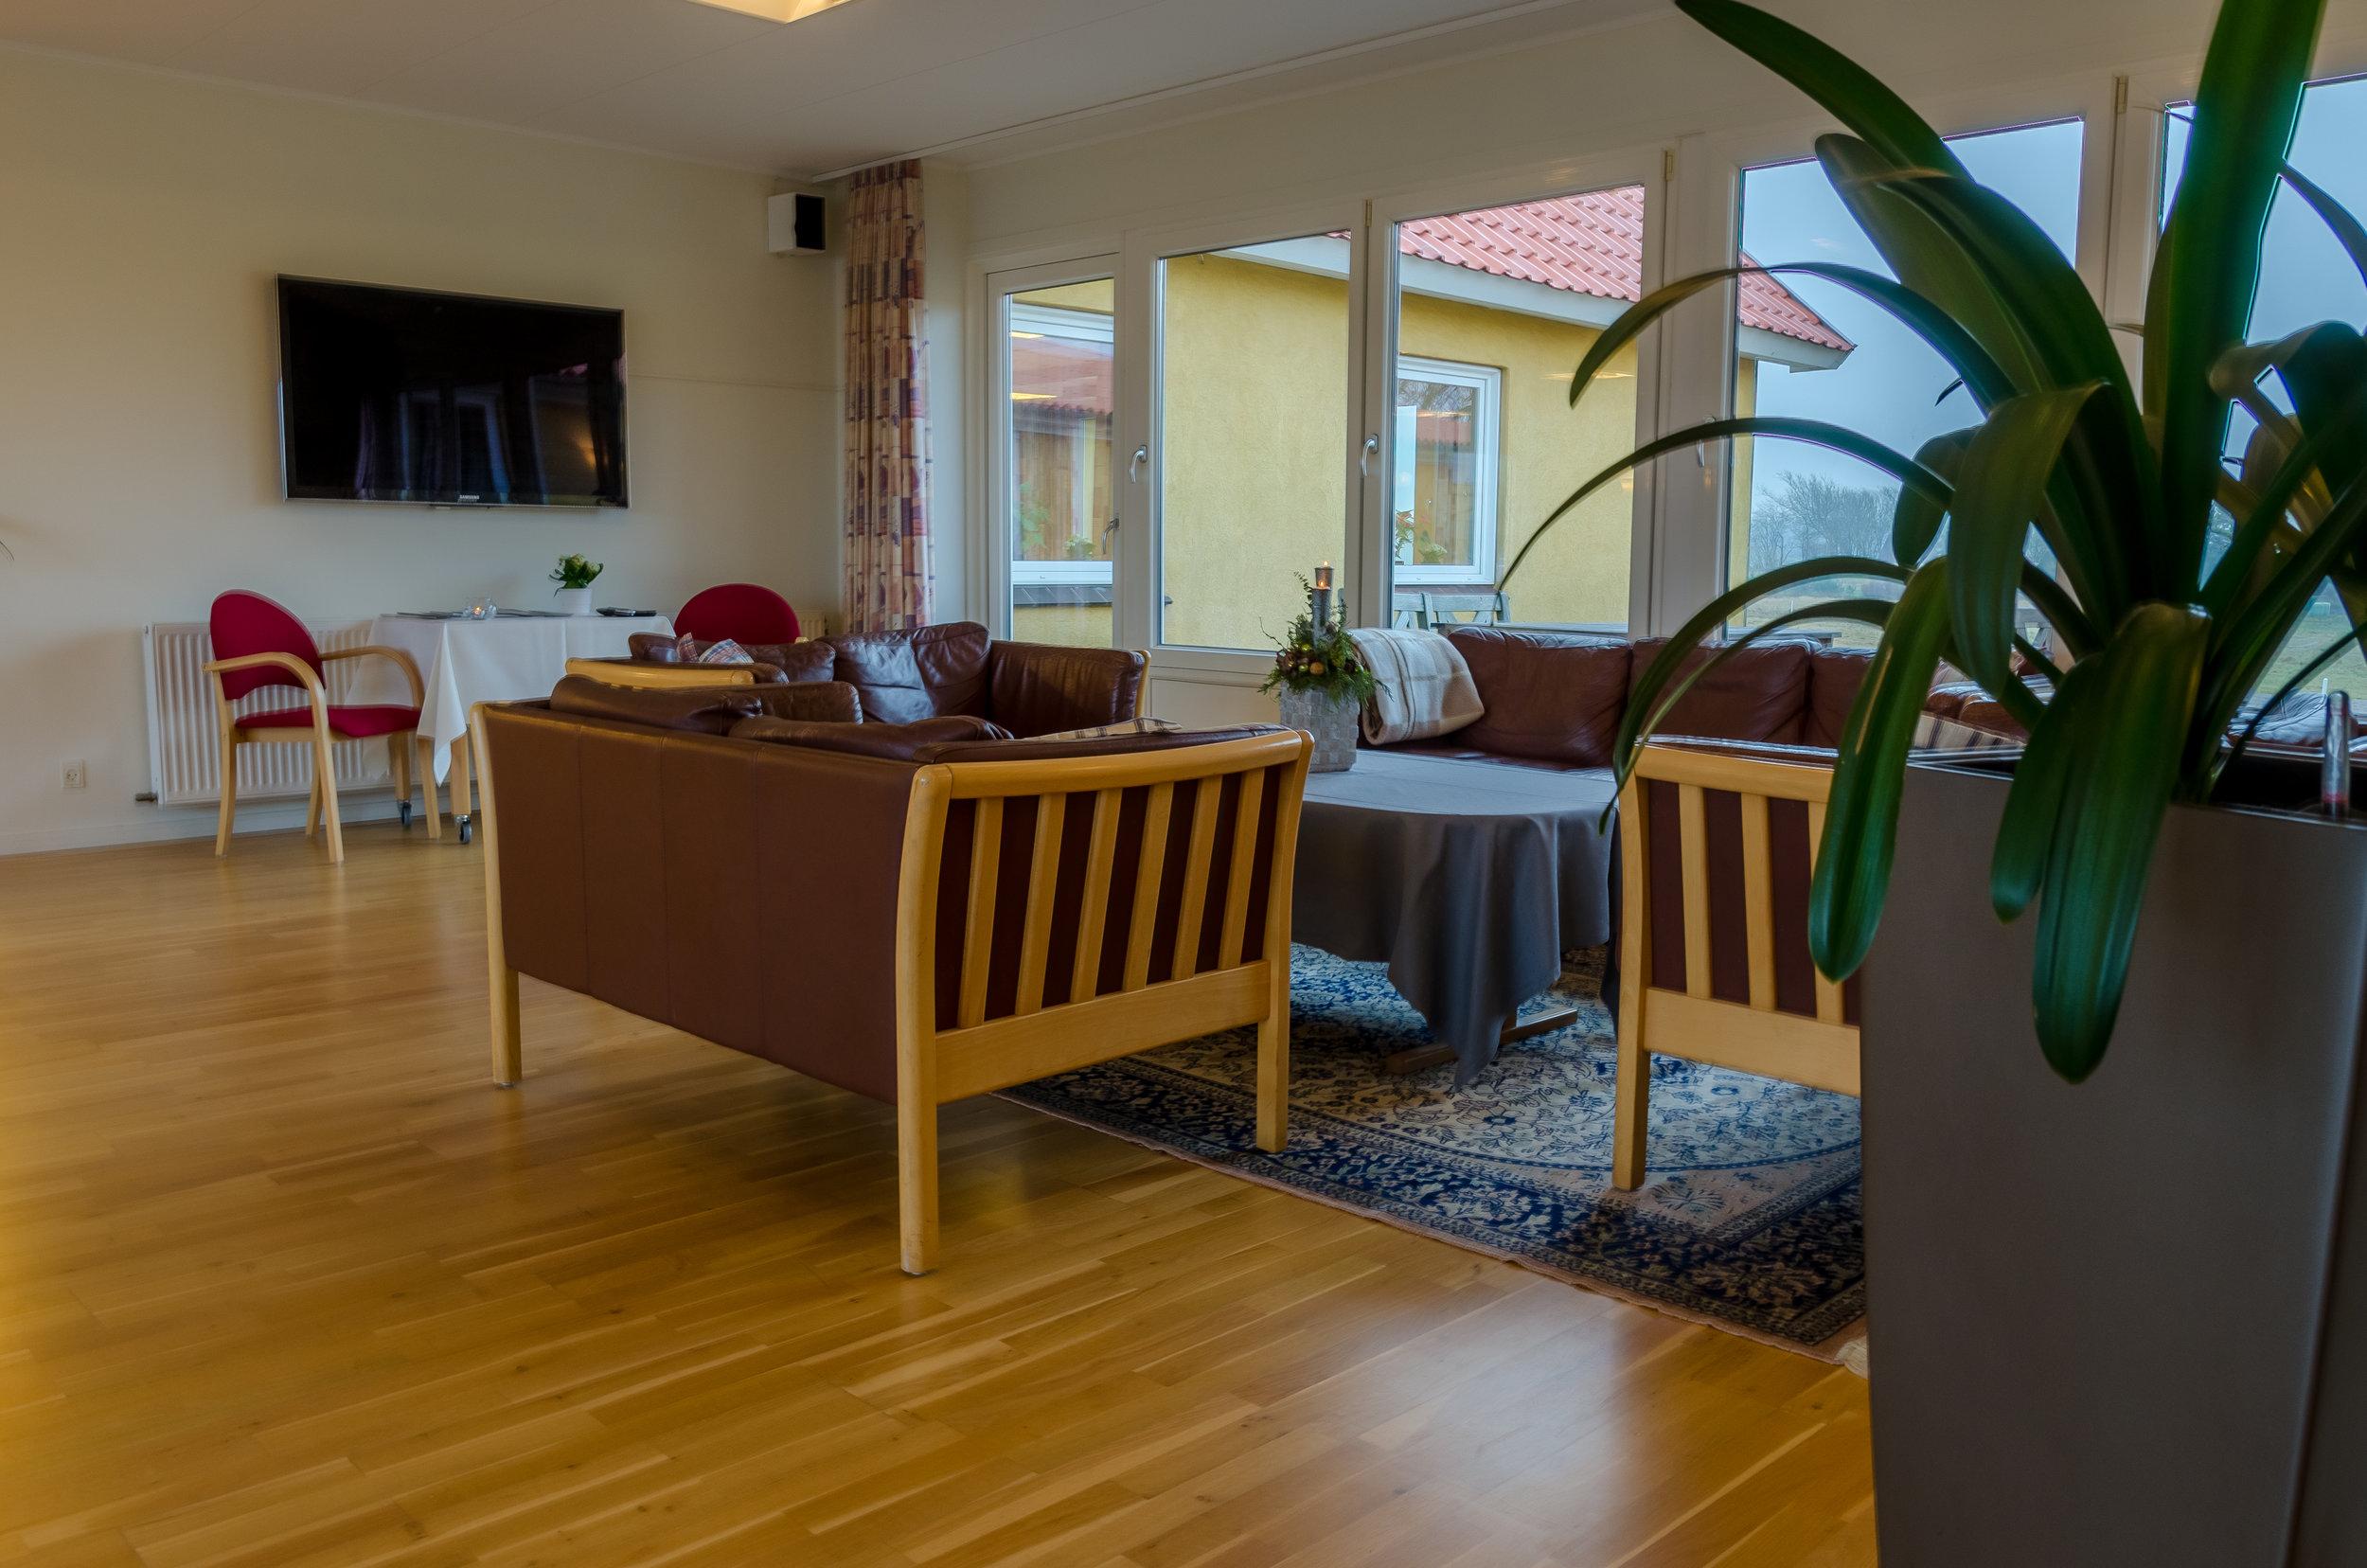 Hotel-Hojgaarden-13.jpg